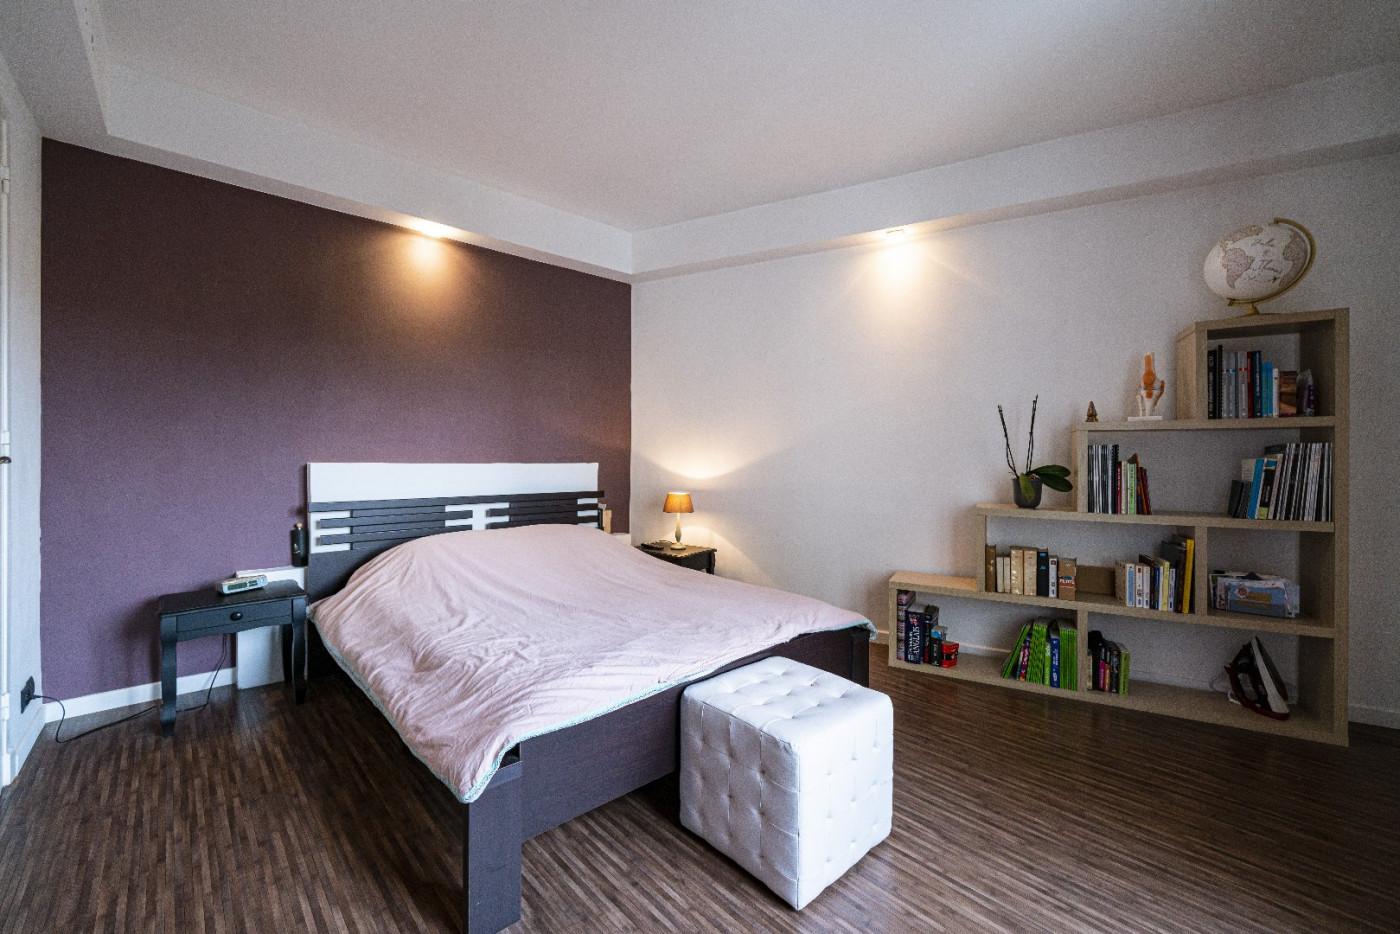 A vendre  Reims | Réf 51001380 - D-ker immo